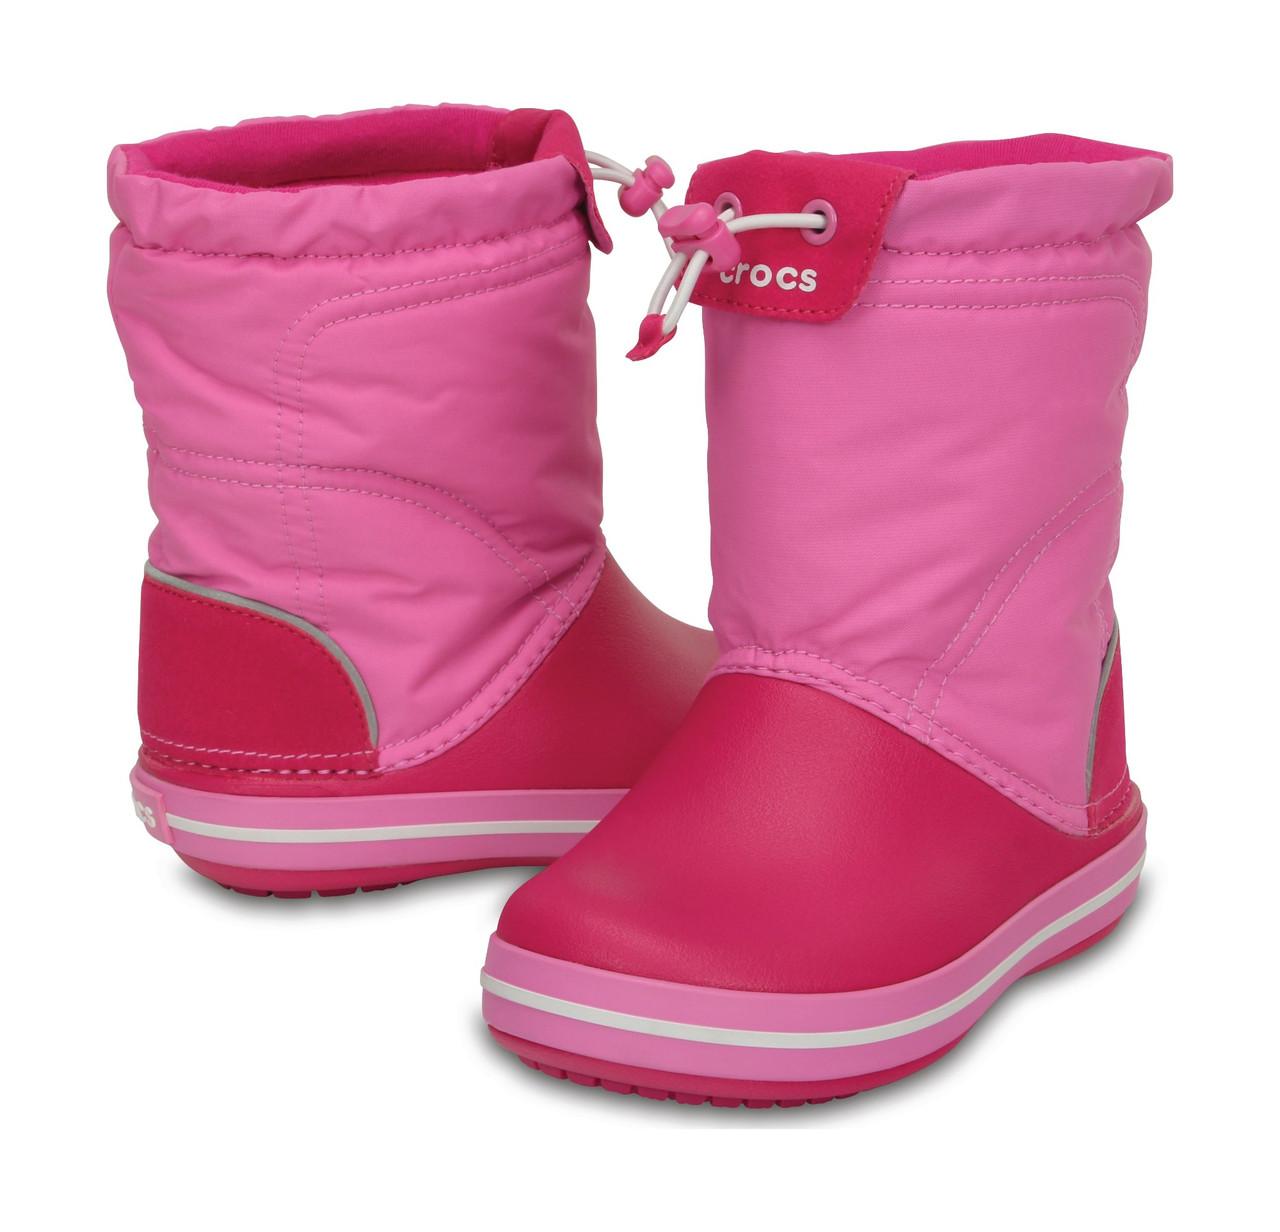 Сапоги зимние для девочки Crocs Kids Crocband LodgePoint Boot   сноубутсы  детские непромокаемые с затяжкой 80227dfbbacab